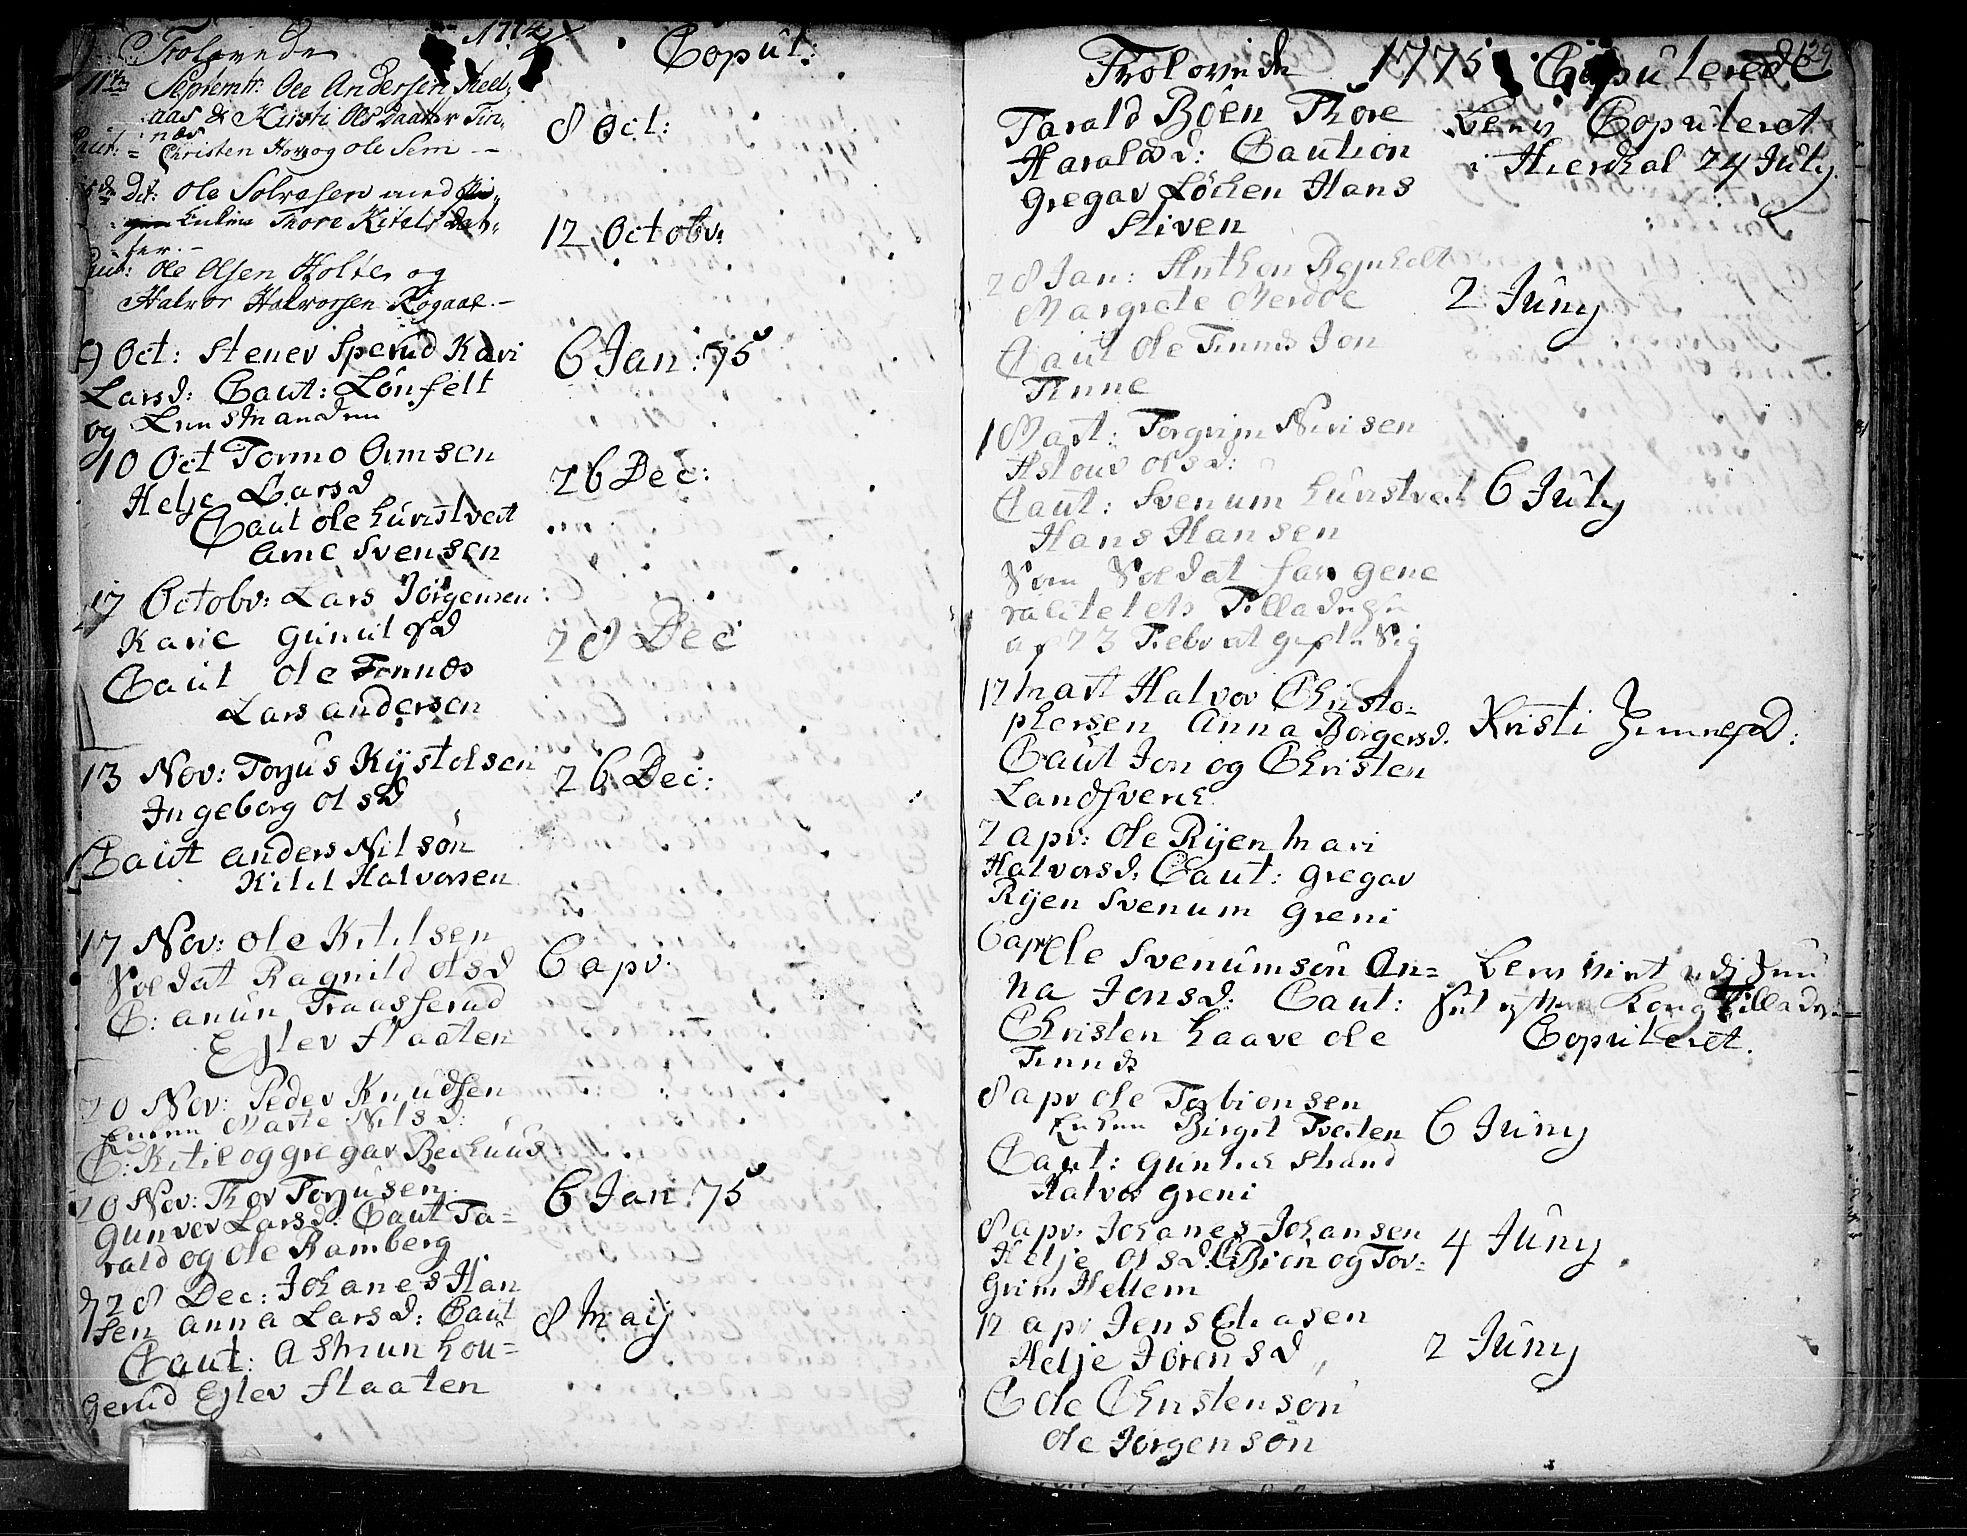 SAKO, Heddal kirkebøker, F/Fa/L0003: Ministerialbok nr. I 3, 1723-1783, s. 129